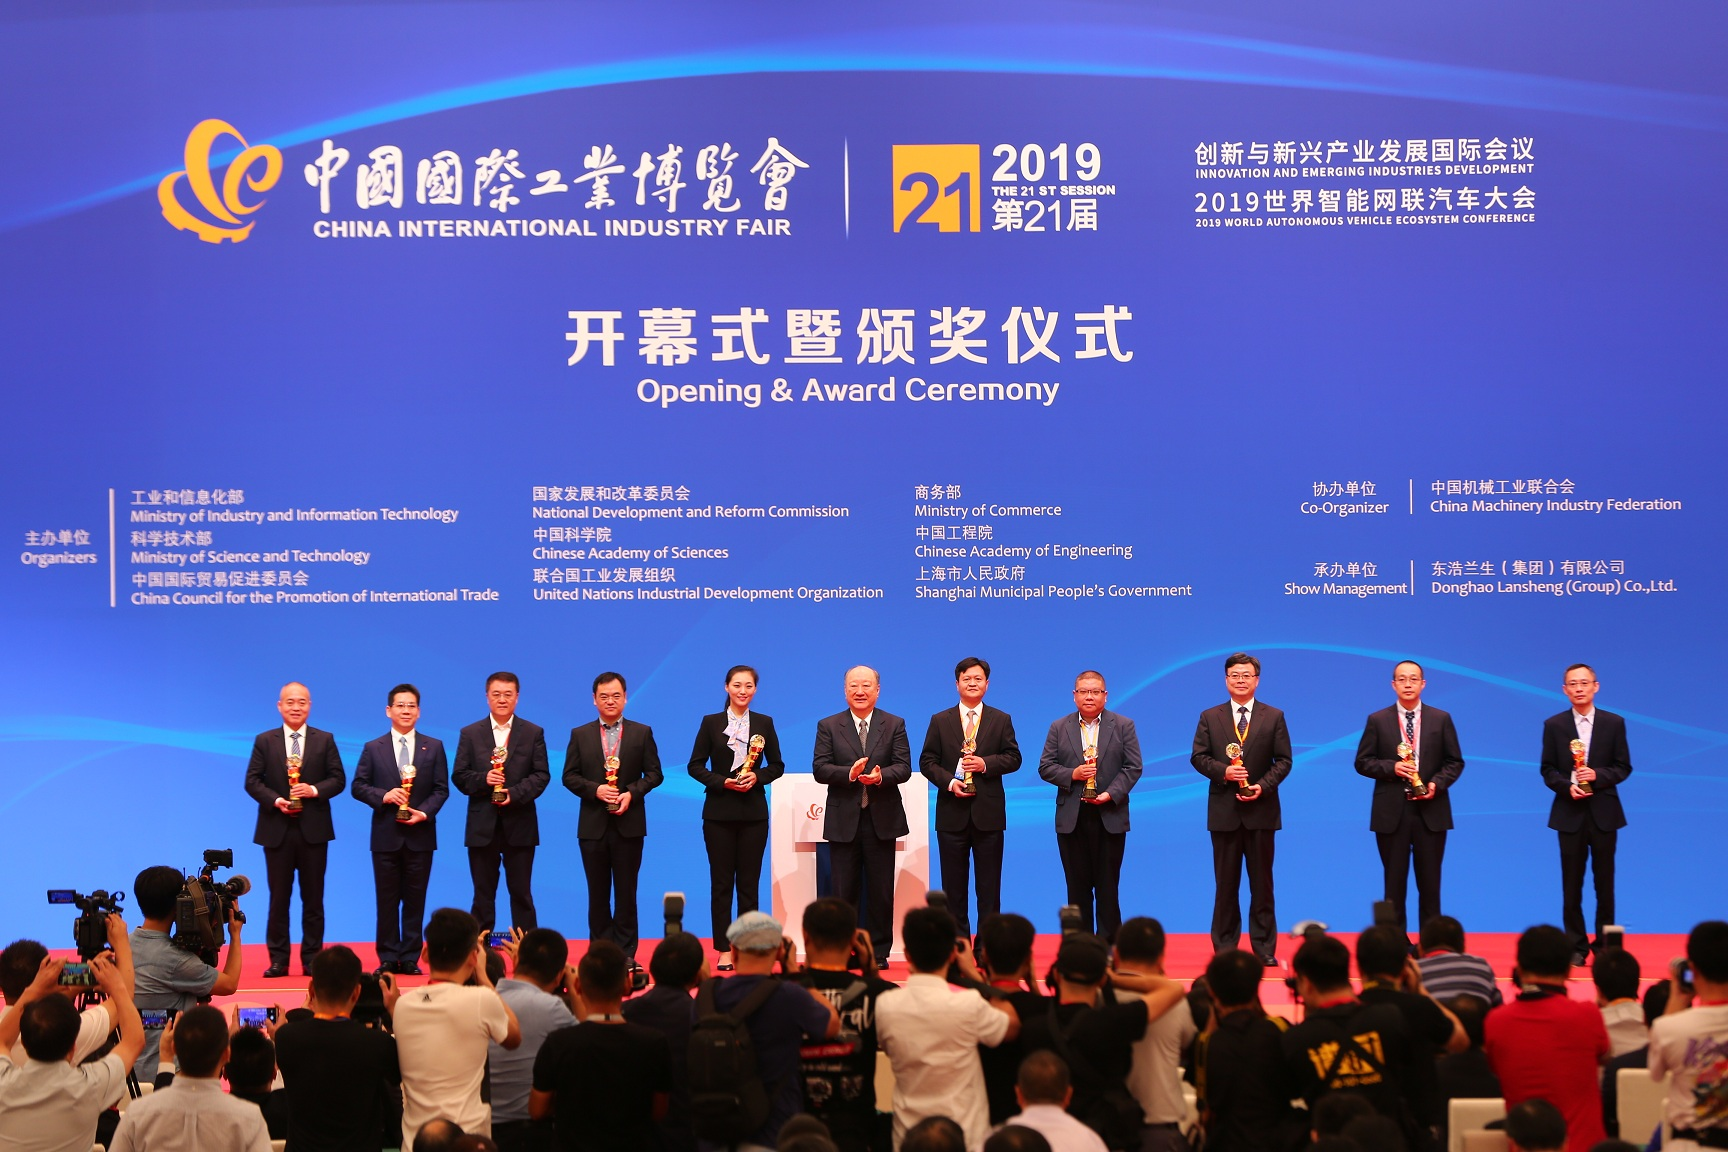 """为什么说中国制造业的信心在""""中国工博会""""?"""